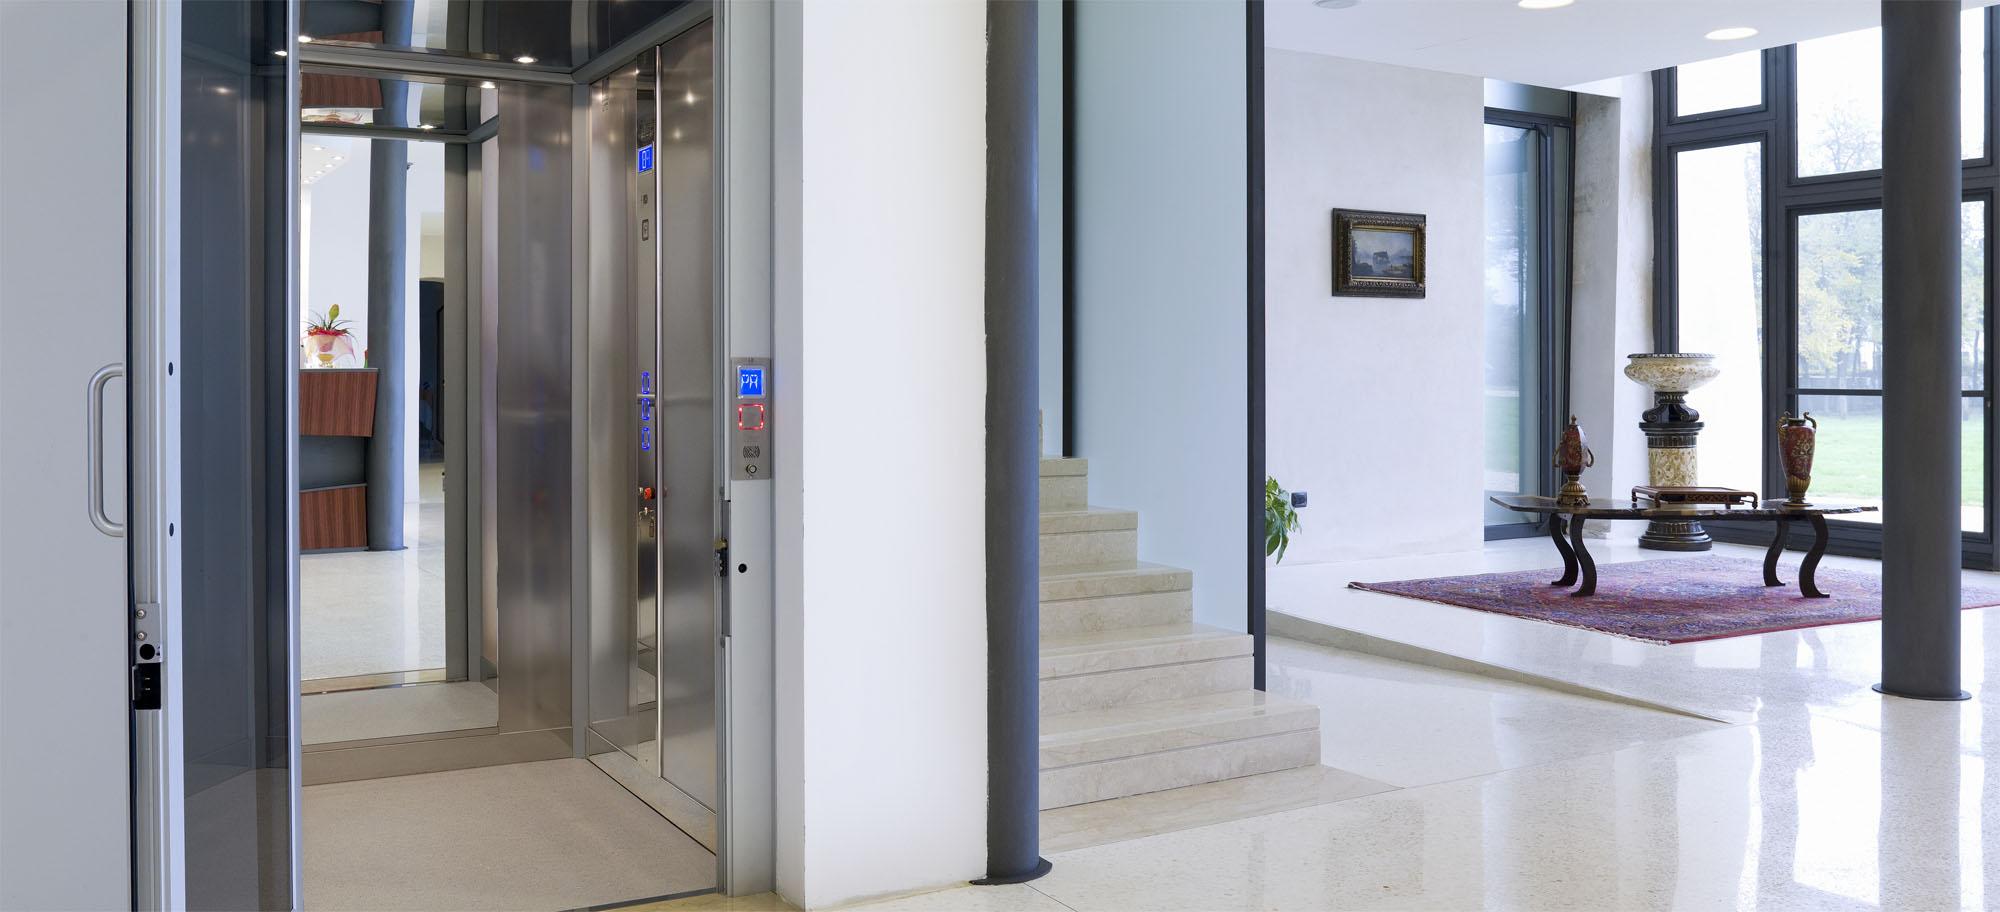 как устроены лифты в частном доме